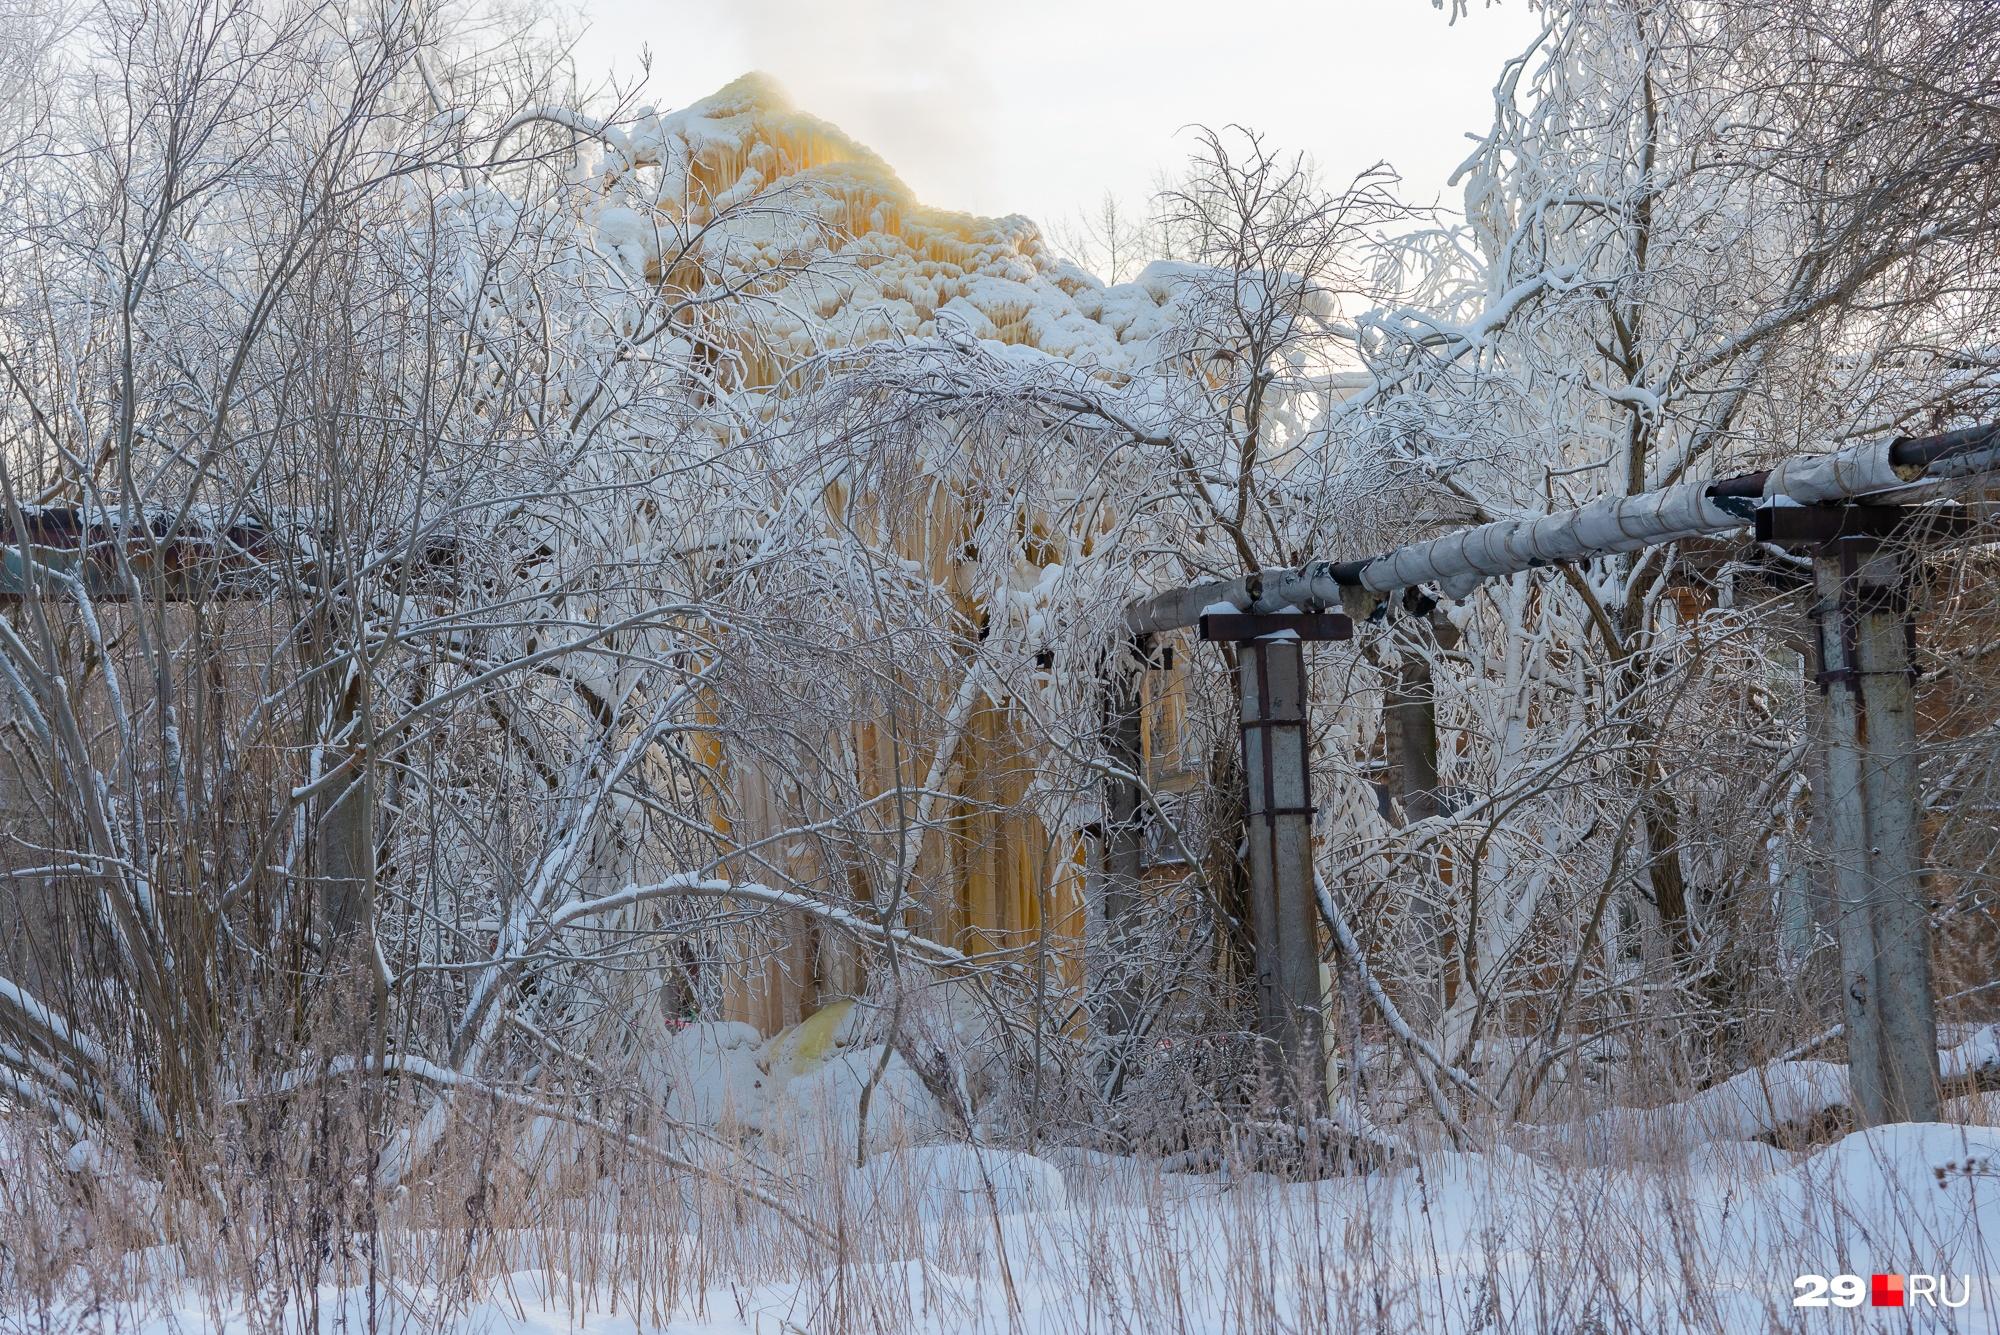 Ледяной взрыв видно еще далеко от места аварии на сетях. Из-за деревьев угрожающе выглядывает его верхушка